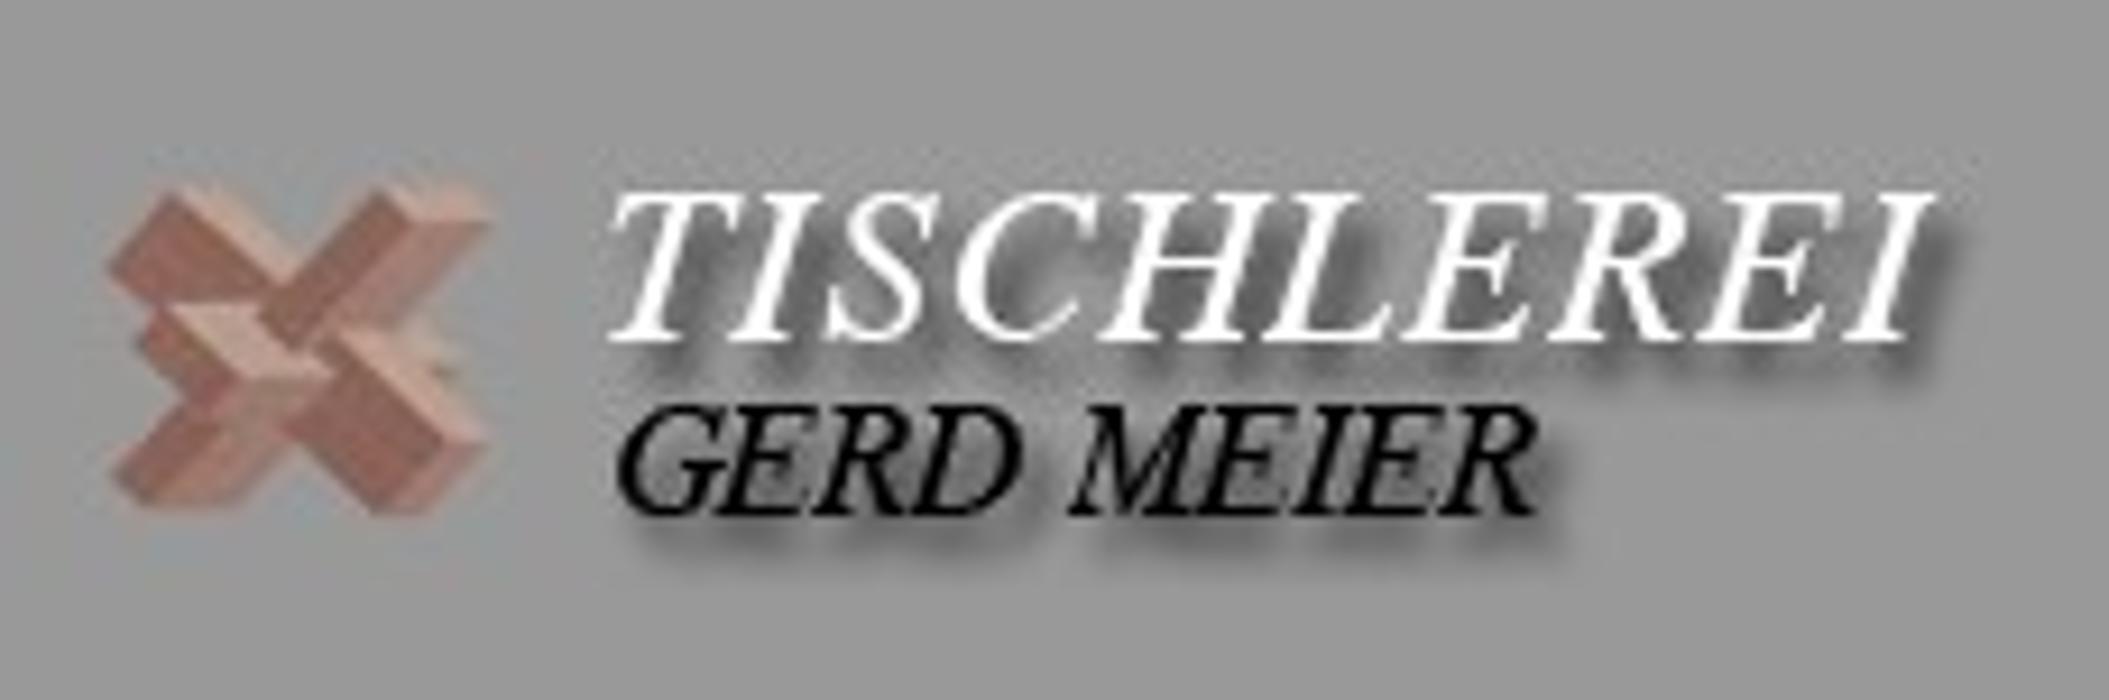 Bild zu Tischlerei Gerd Meier in Elsdorf im Rheinland